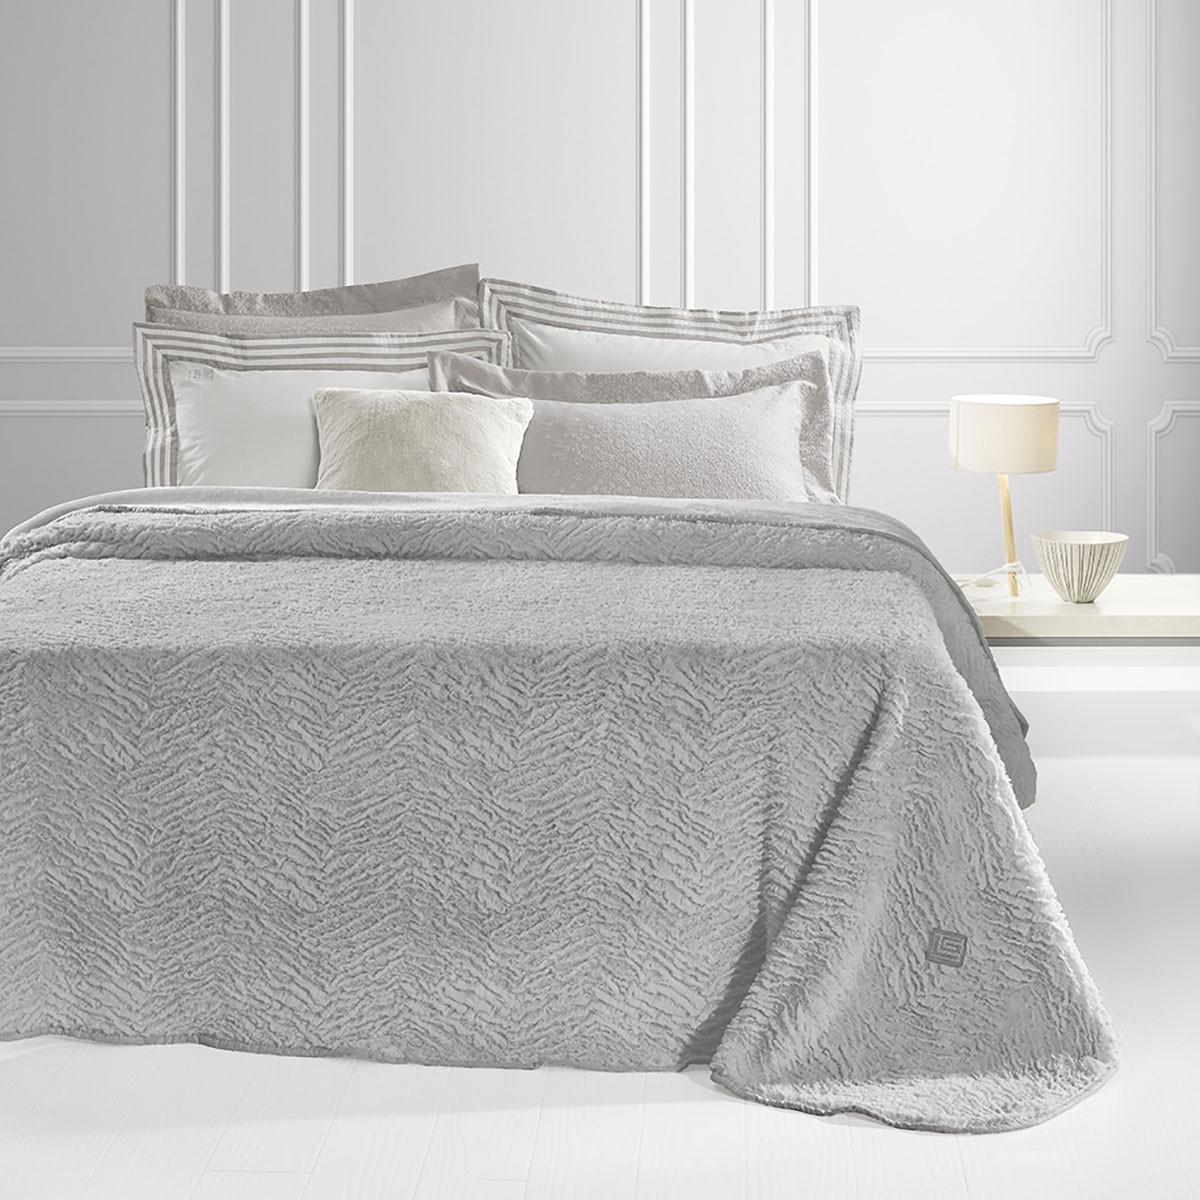 Κουβέρτα Γούνινη Υπέρδιπλη Guy Laroche Nordic Silver home   κρεβατοκάμαρα   κουβέρτες   κουβέρτες γούνινες   μάλλινες